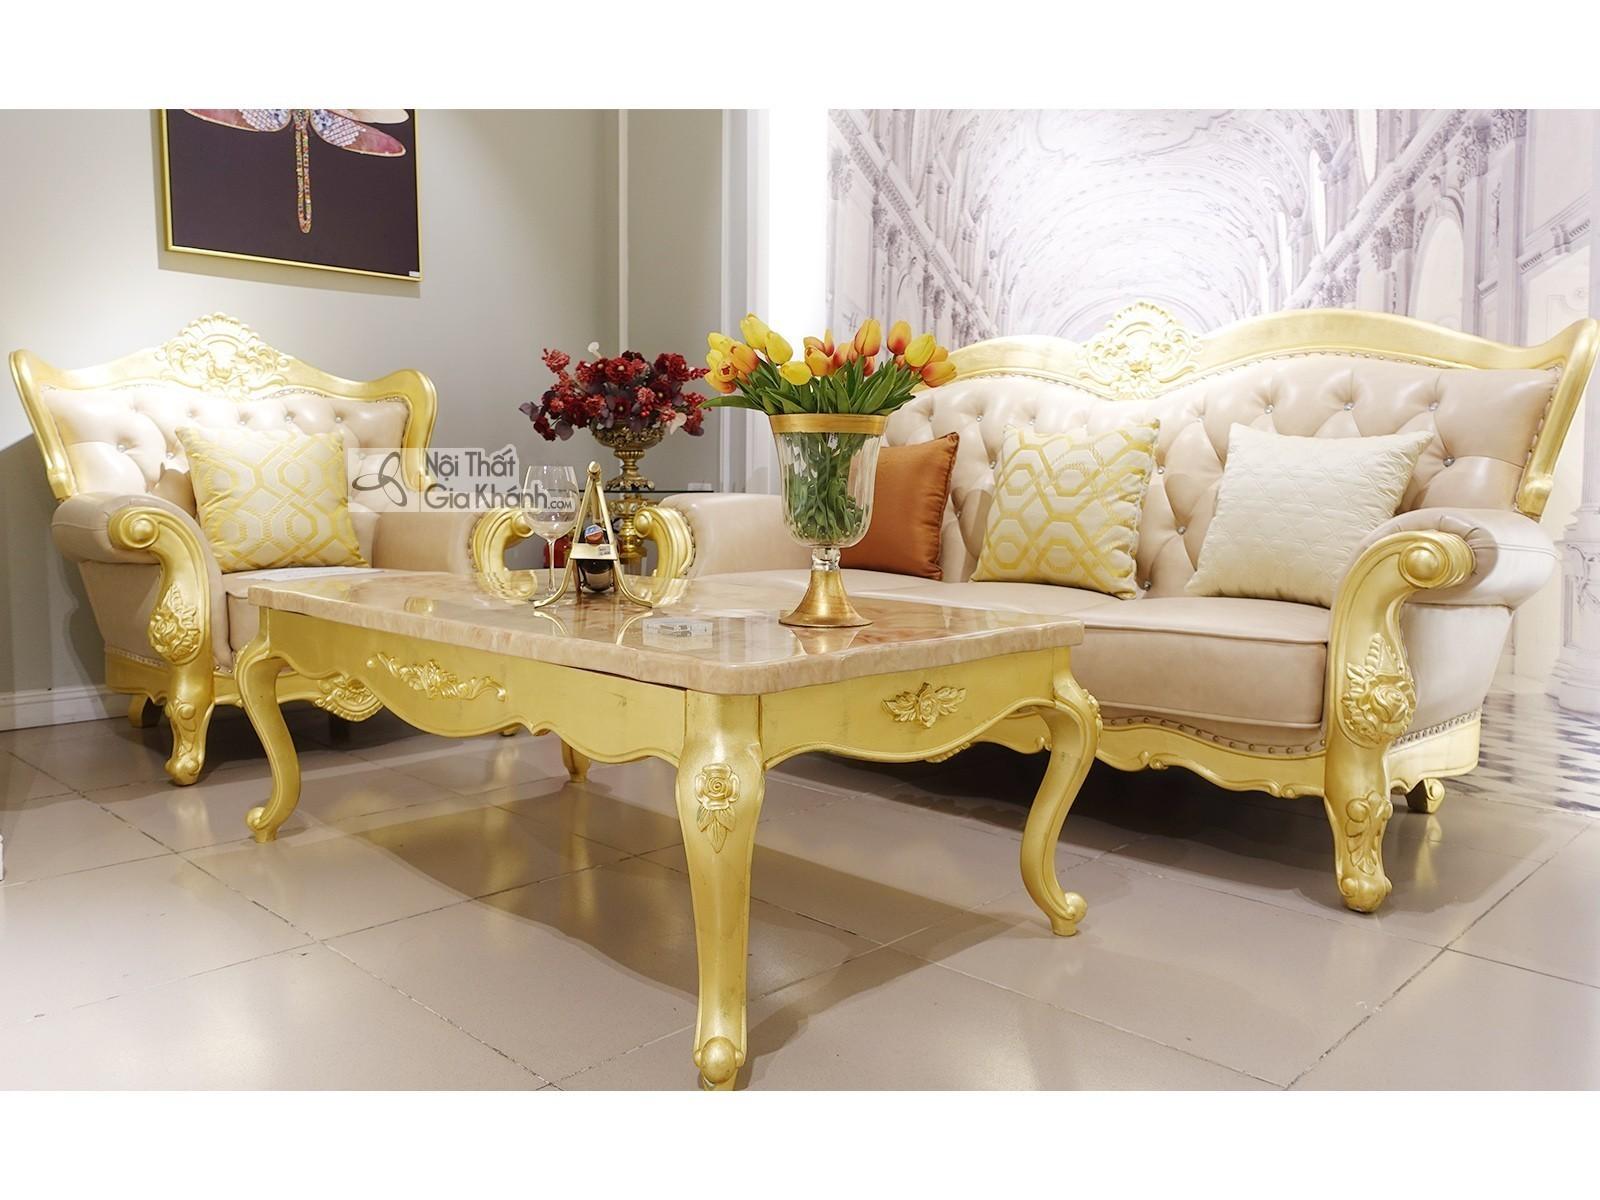 Bộ Sofa Tân Cổ Điển Dát Vàng 1+3 + Bàn Trà Sbgk02